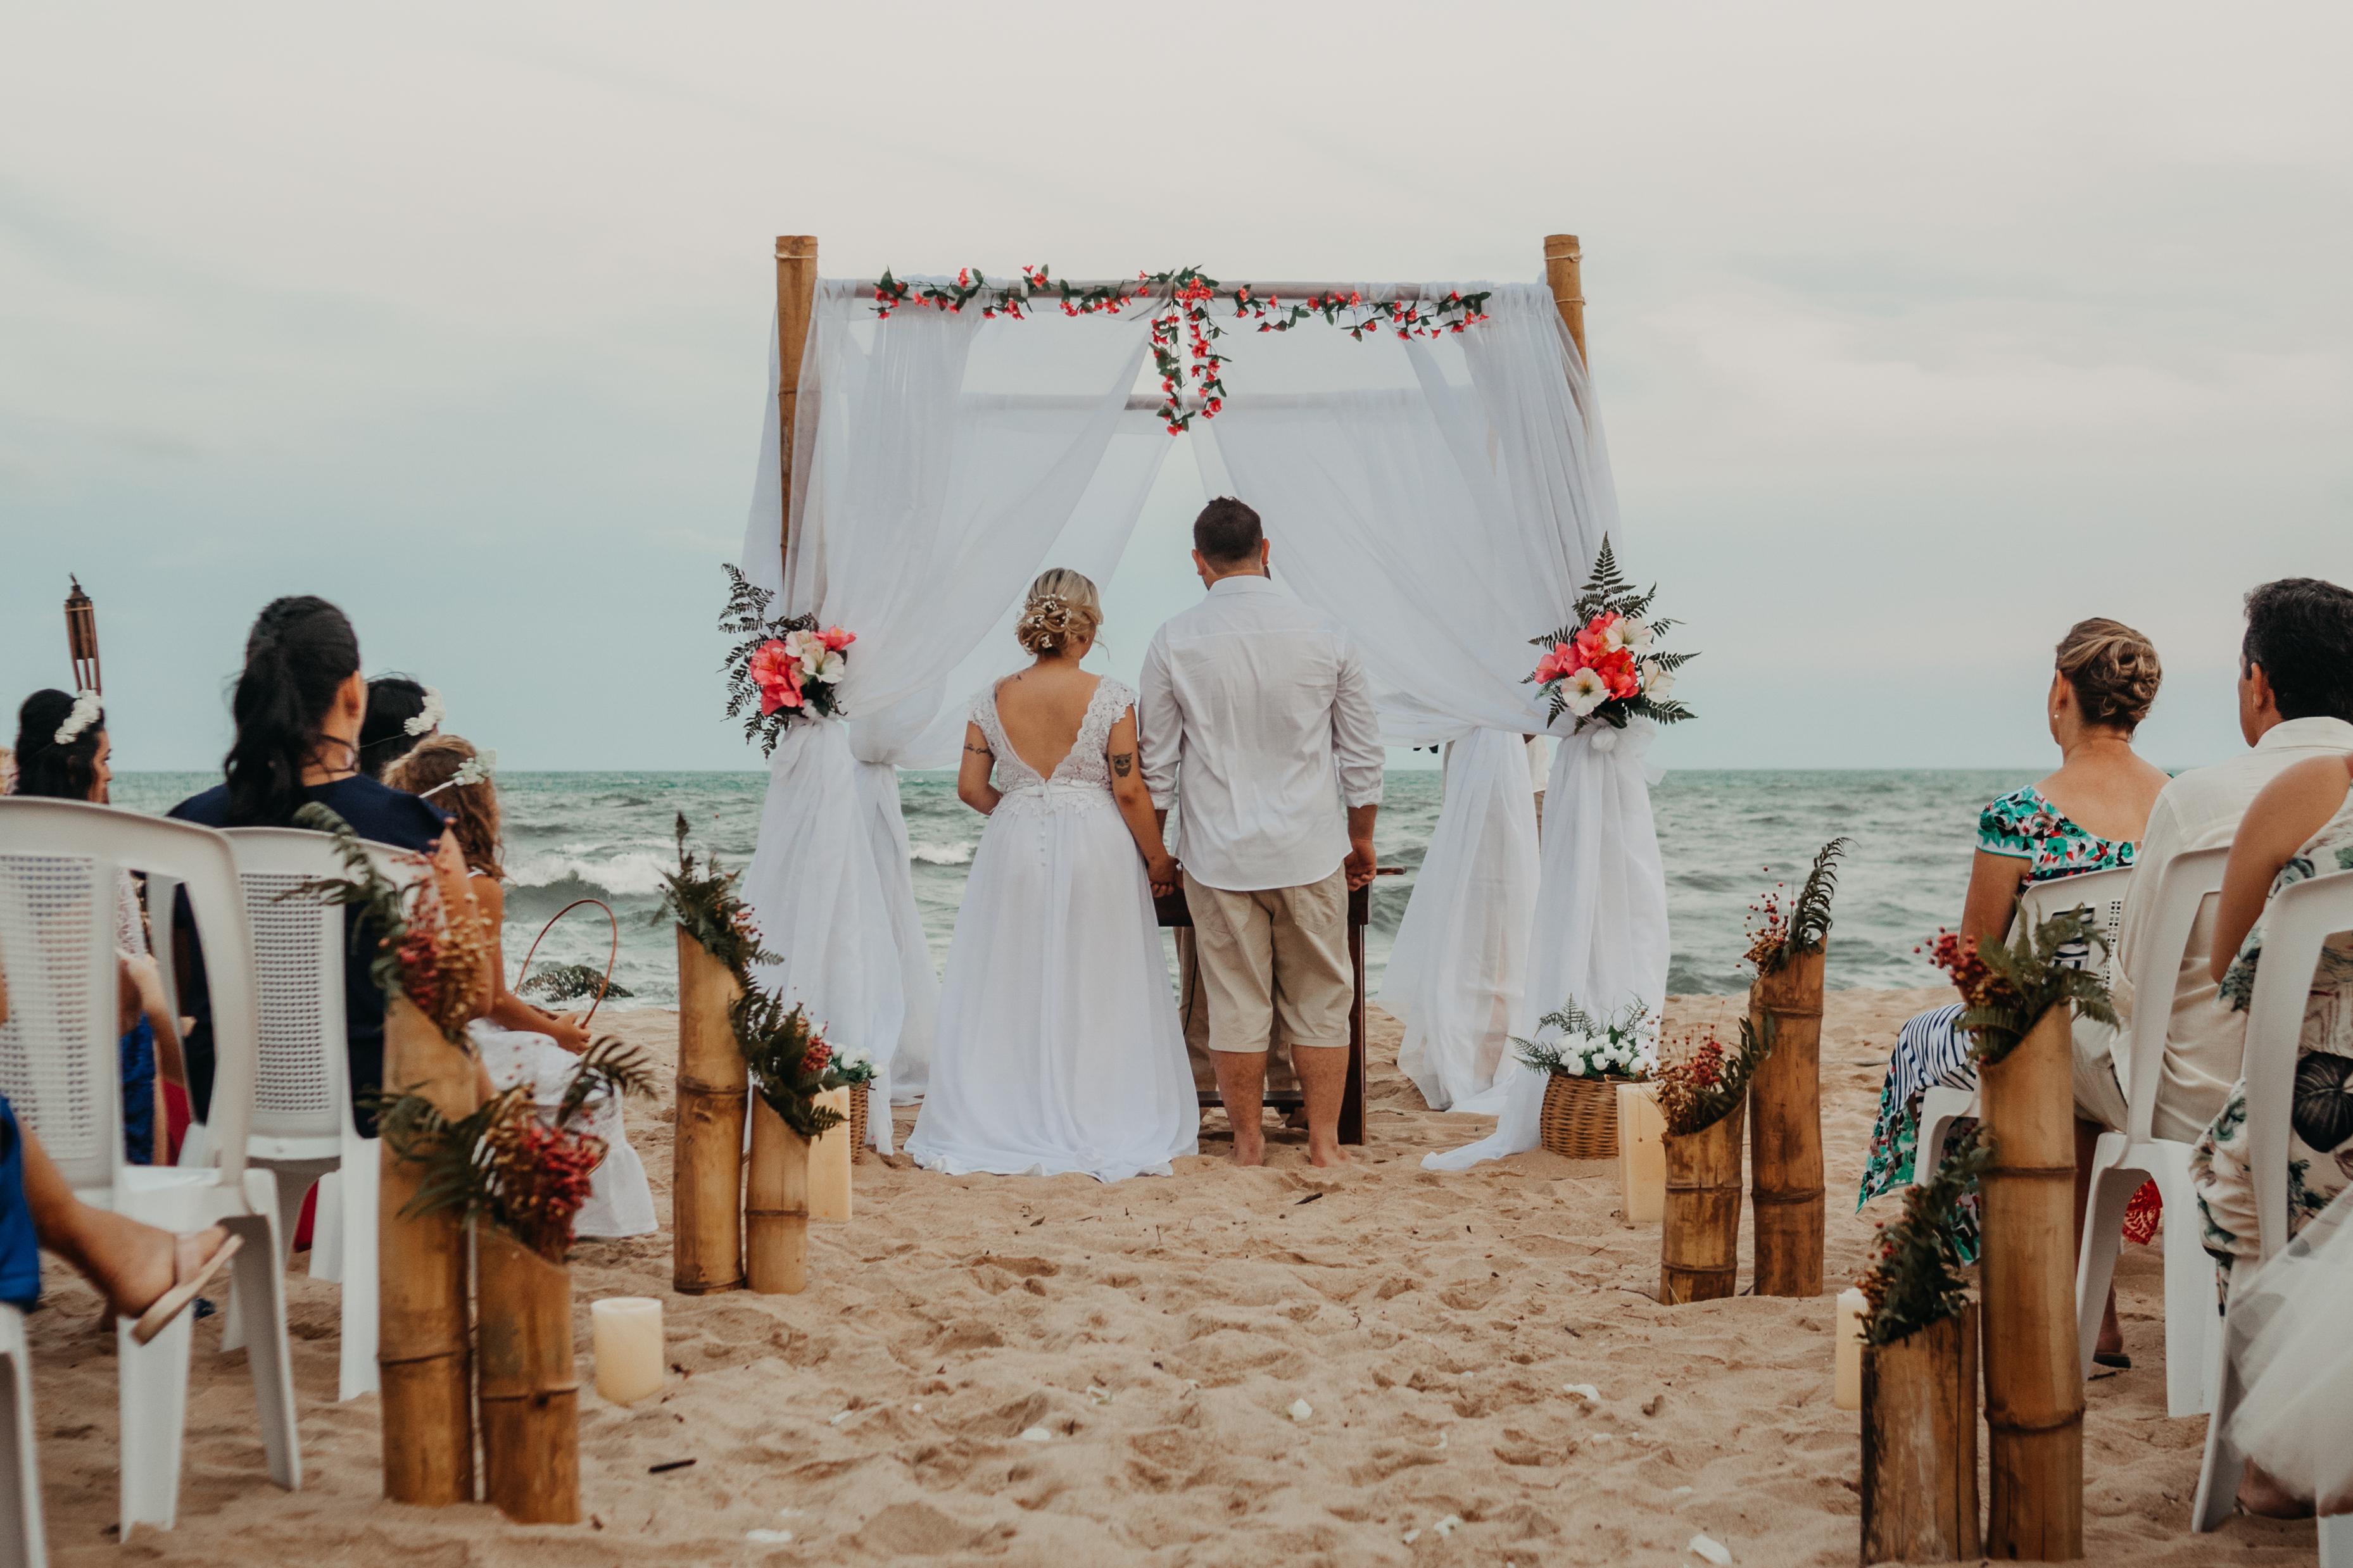 Contate Fotógrafo de Casamento em Santa Catarina - Misso Photography